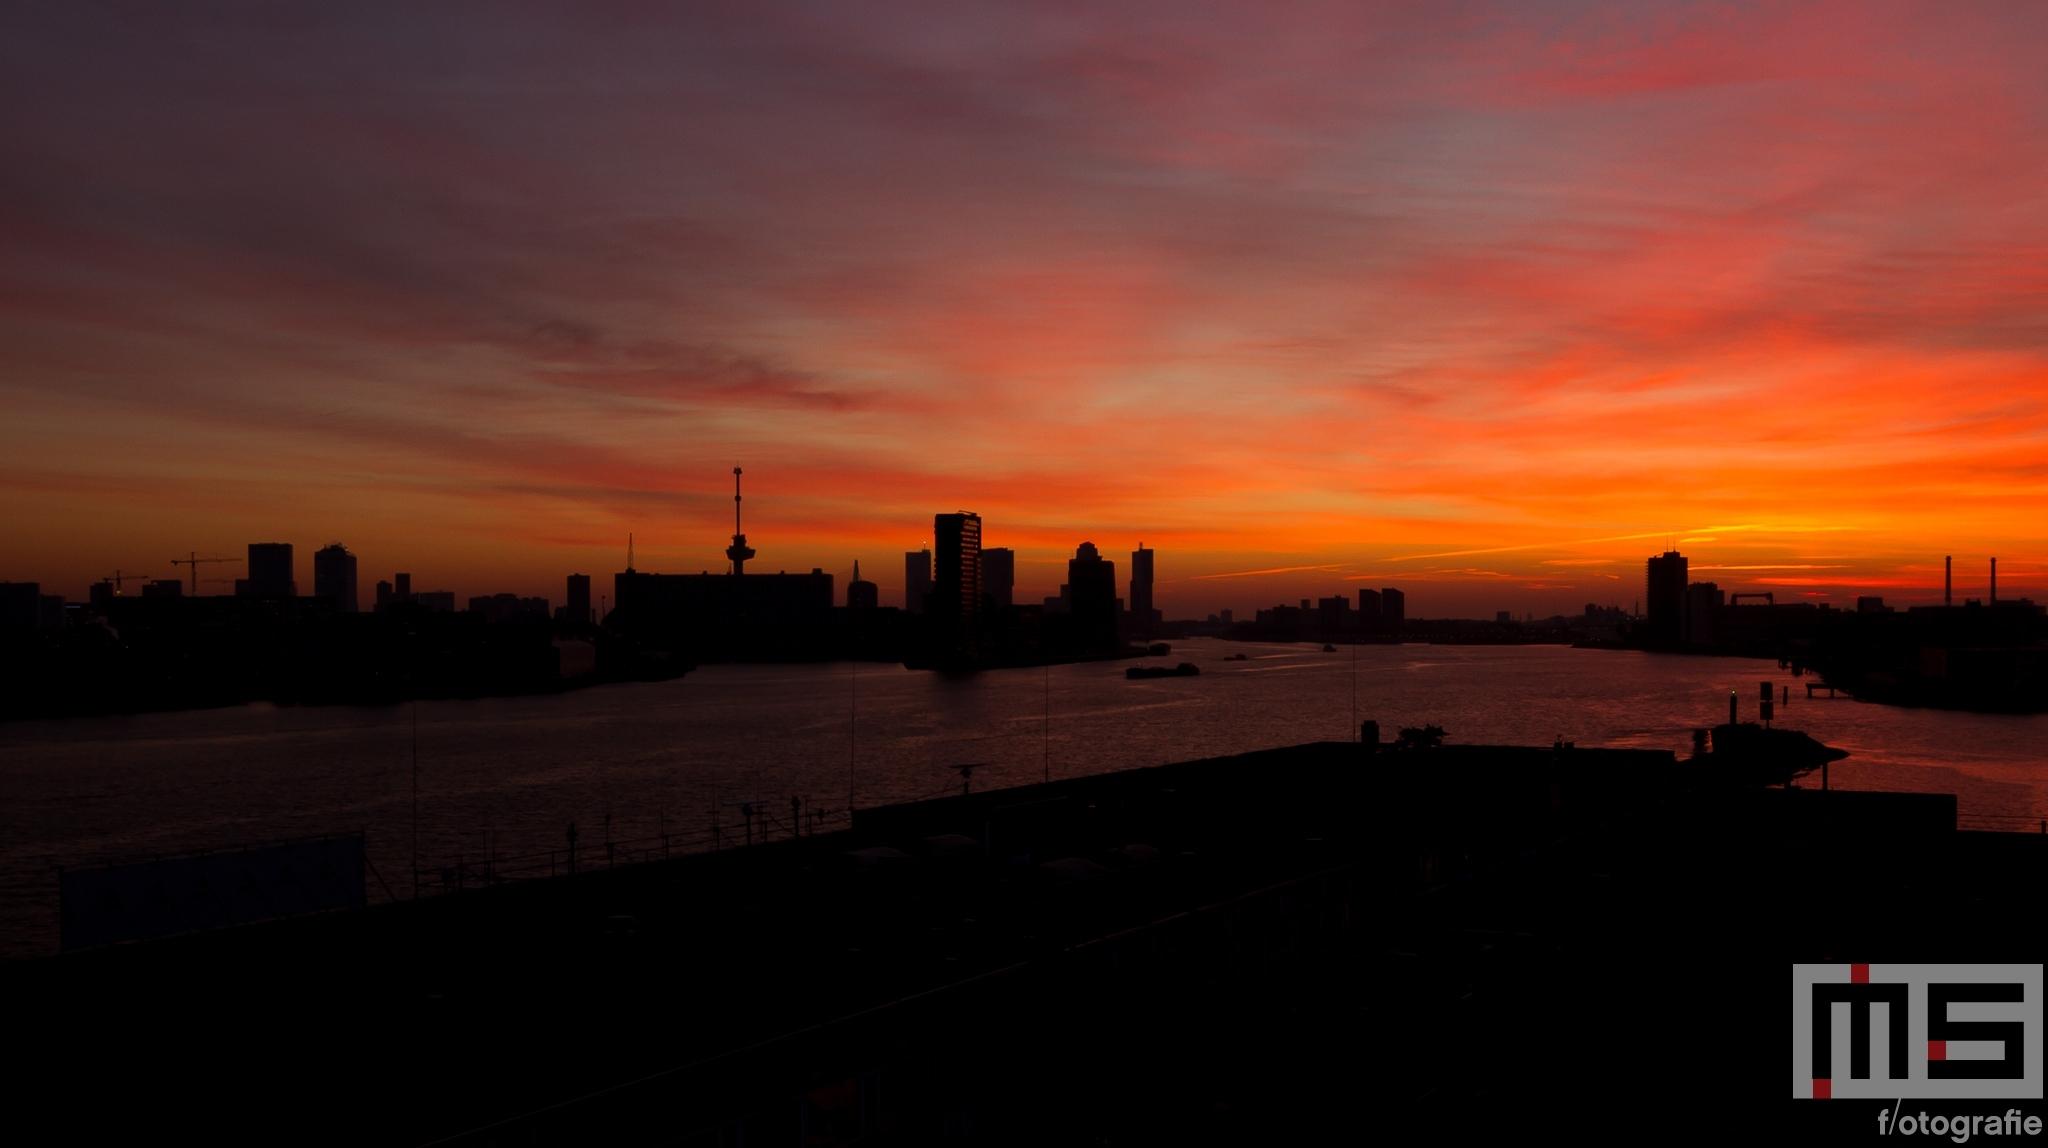 De zonsopkomst met de Euromast en De Maas in Rotterdam